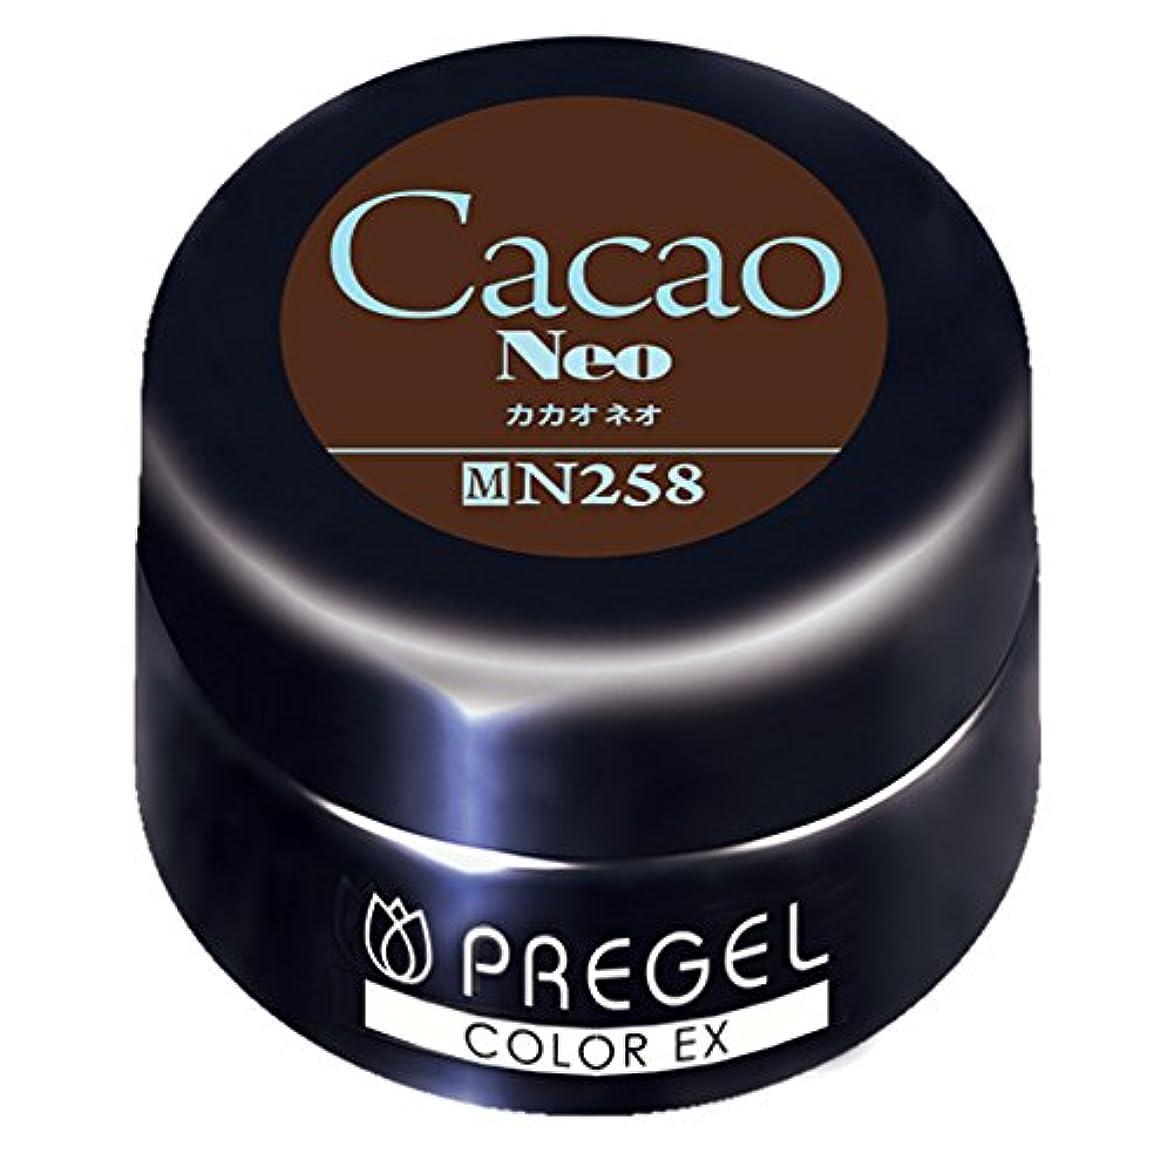 のホスト聖域警告PRE GEL カラーEX カカオneo 258 4g UV/LED対応